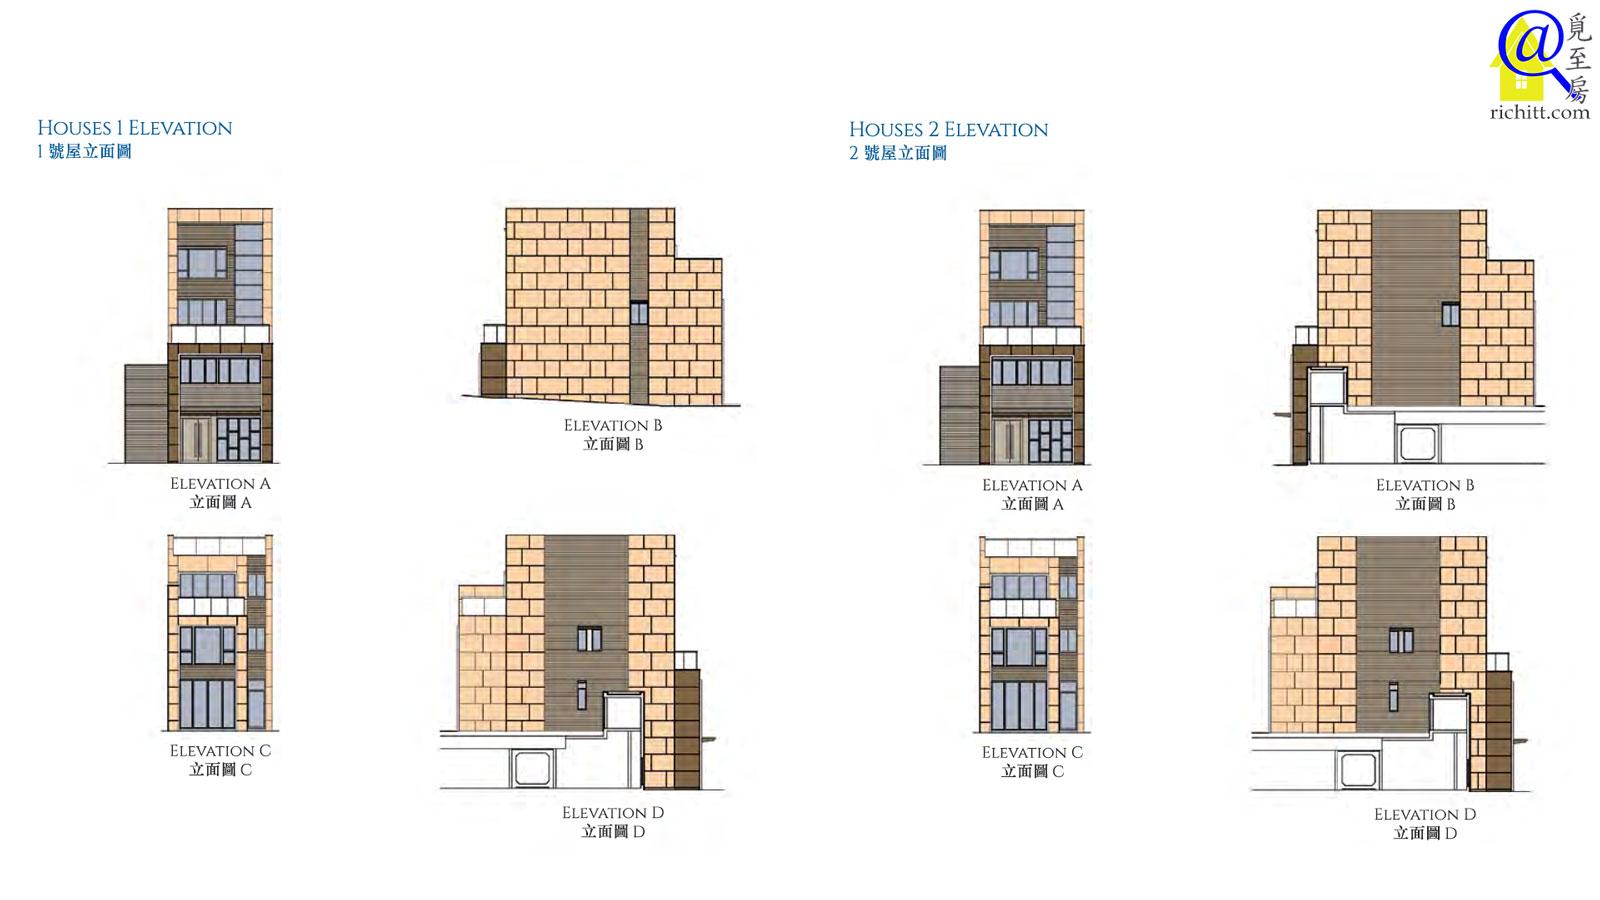 海翩滙洋房立面圖1及2